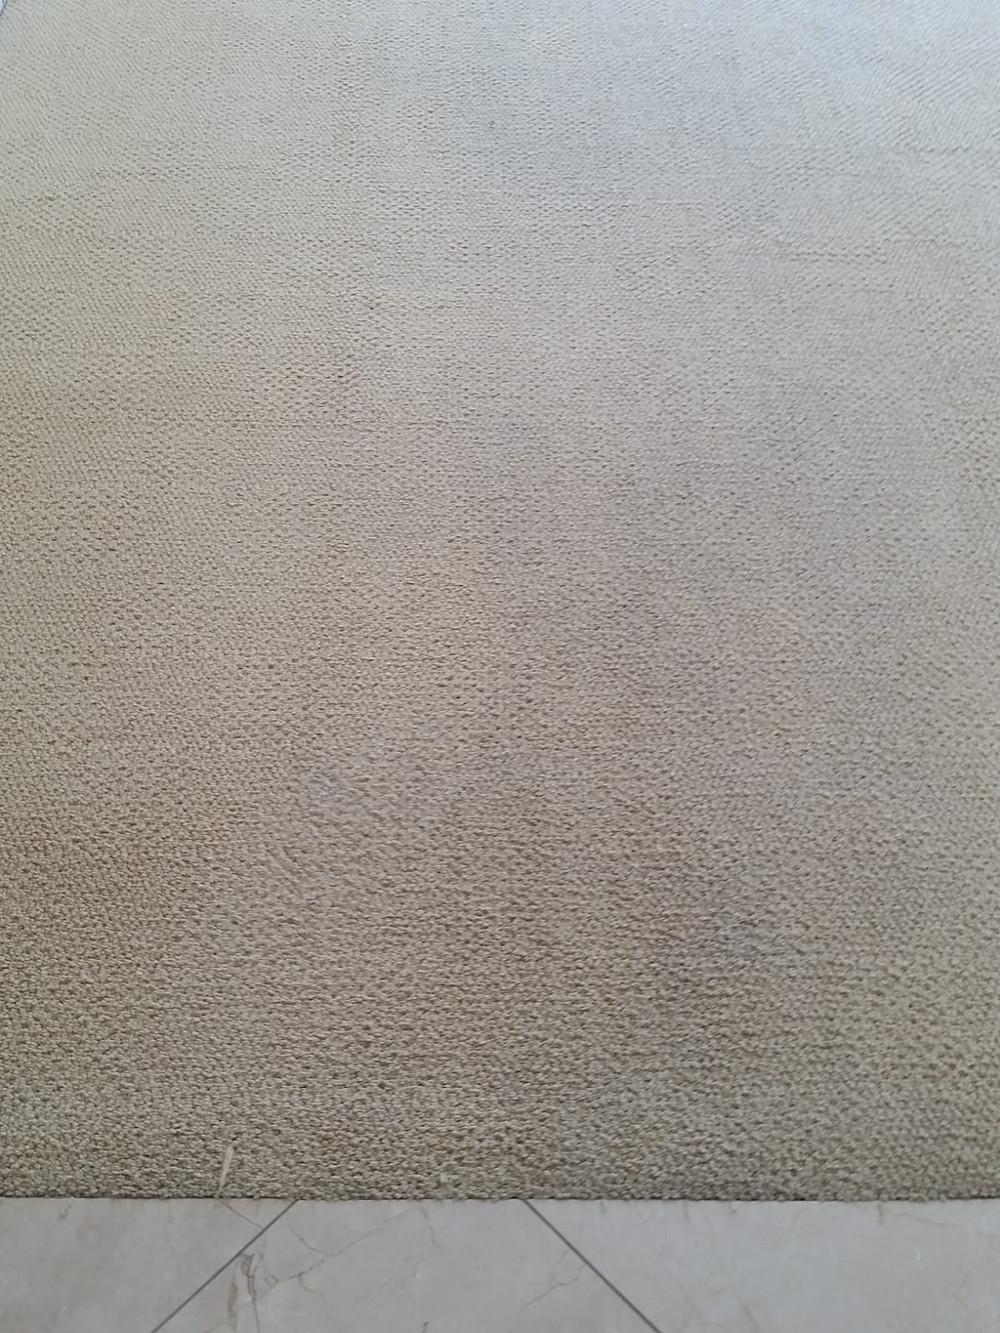 best carpet cleaning service in laguna hills